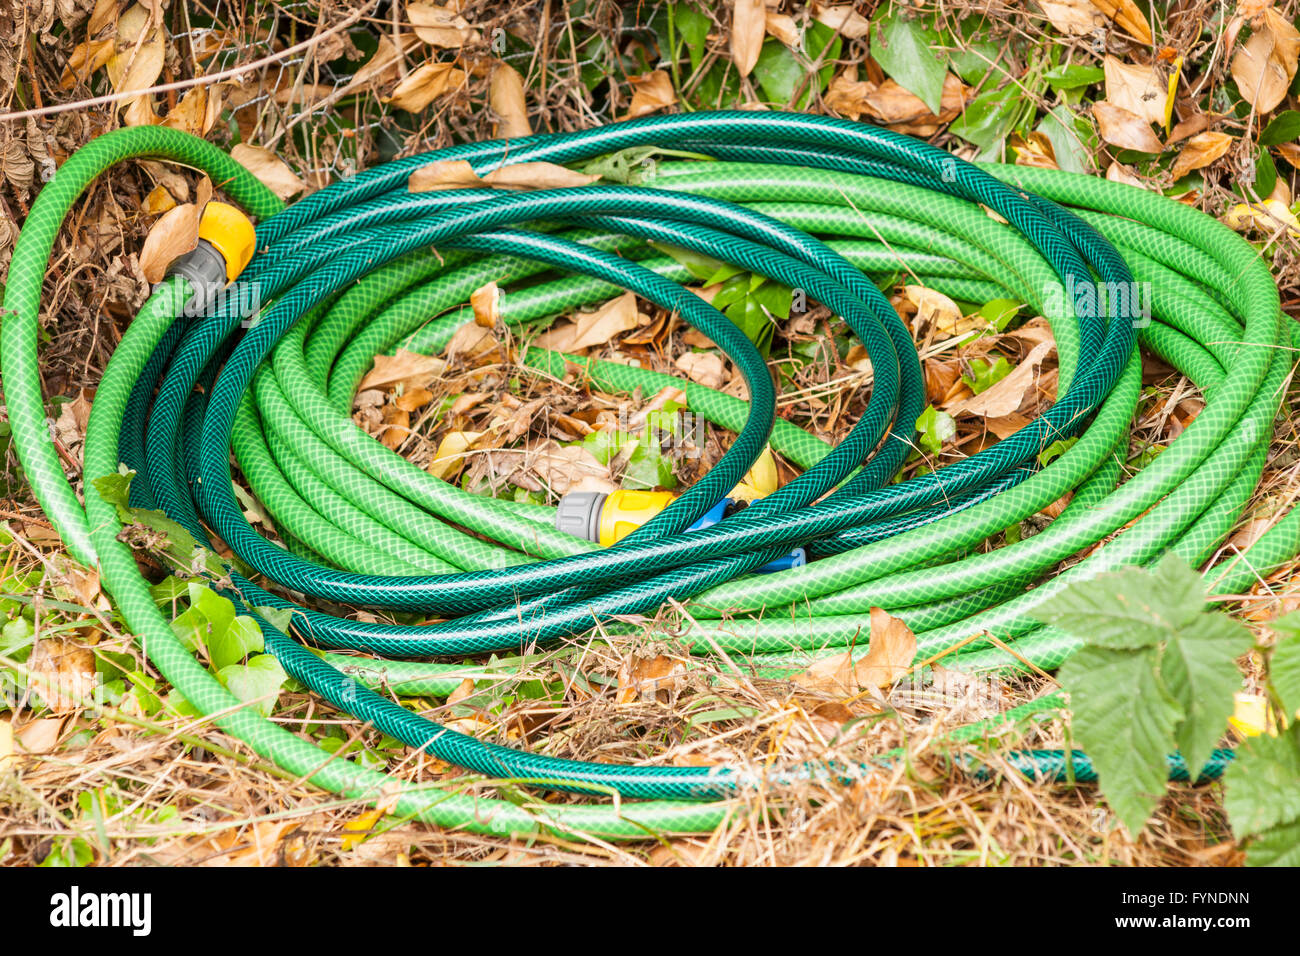 A coiled garden hose - Stock Image